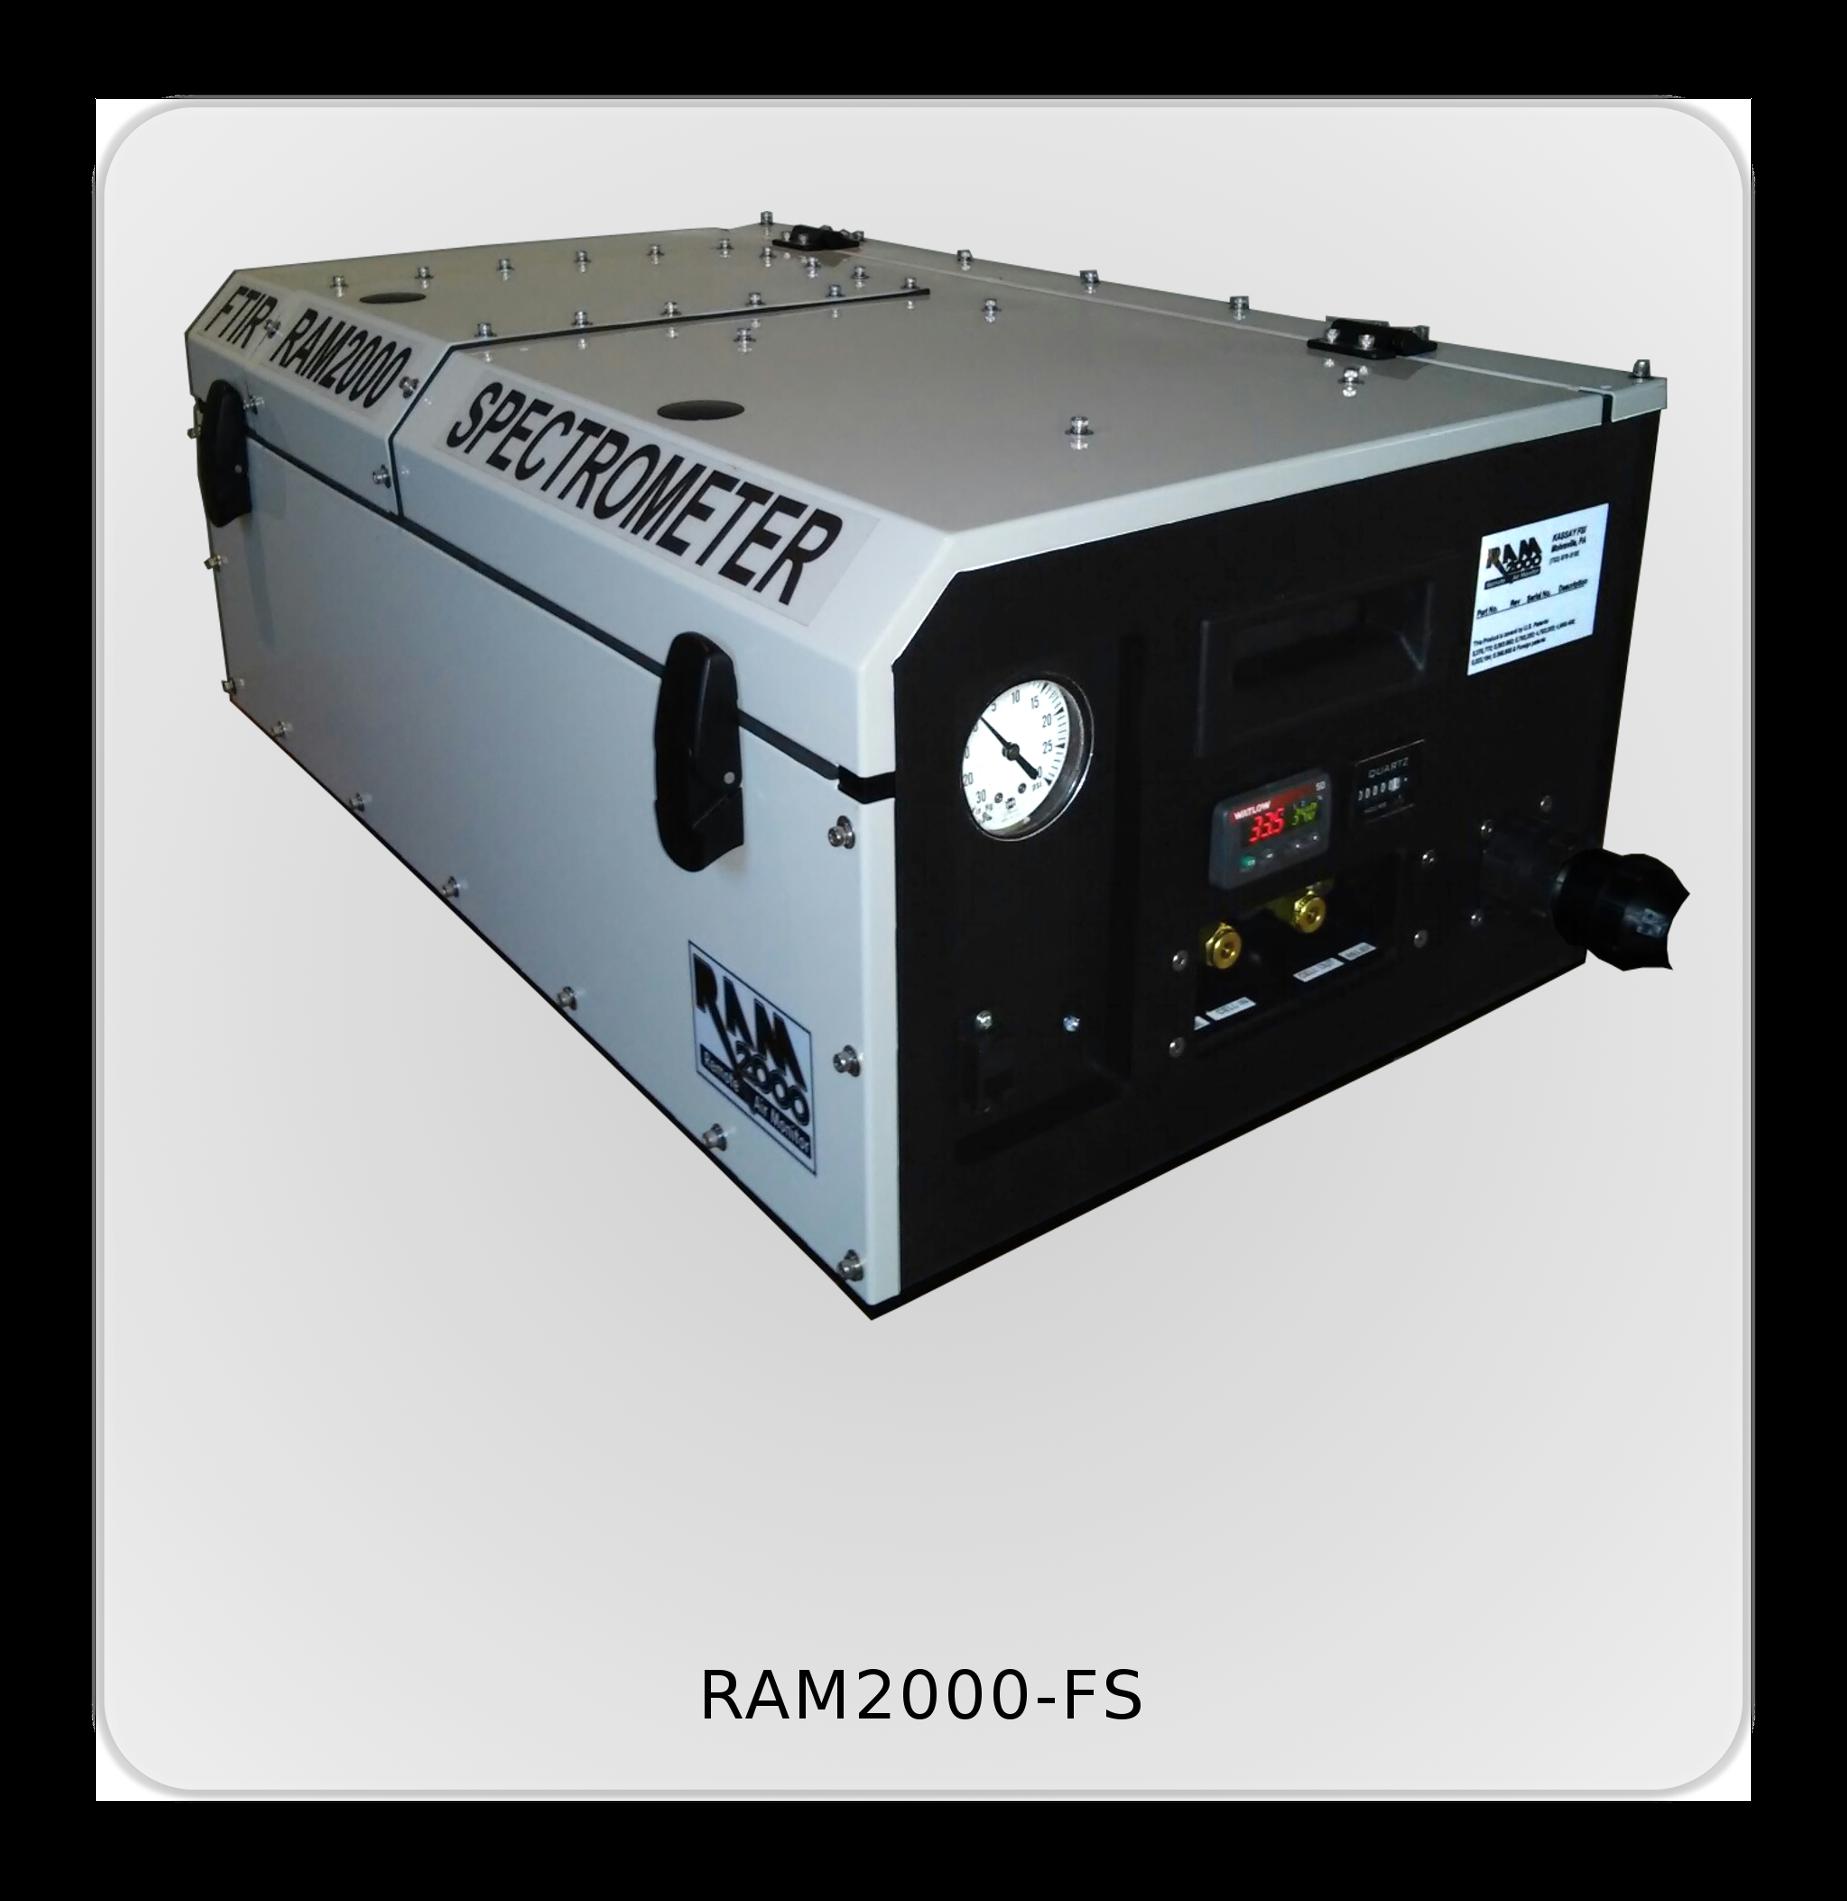 kassay-ram2000-spectrometers-products-ram2000fs